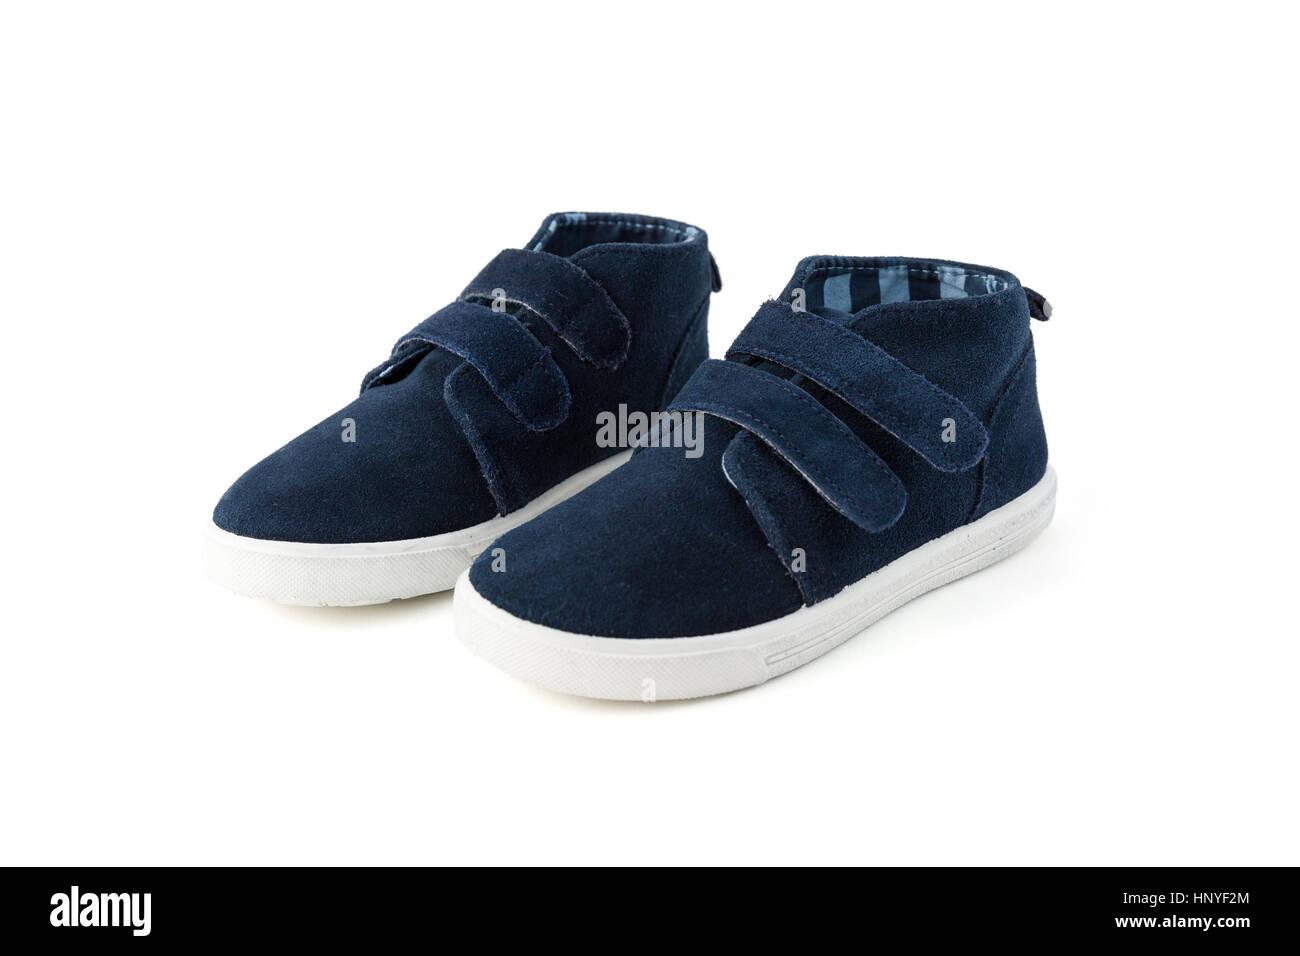 Blue child shoes isolated on white studio shot - Stock Image